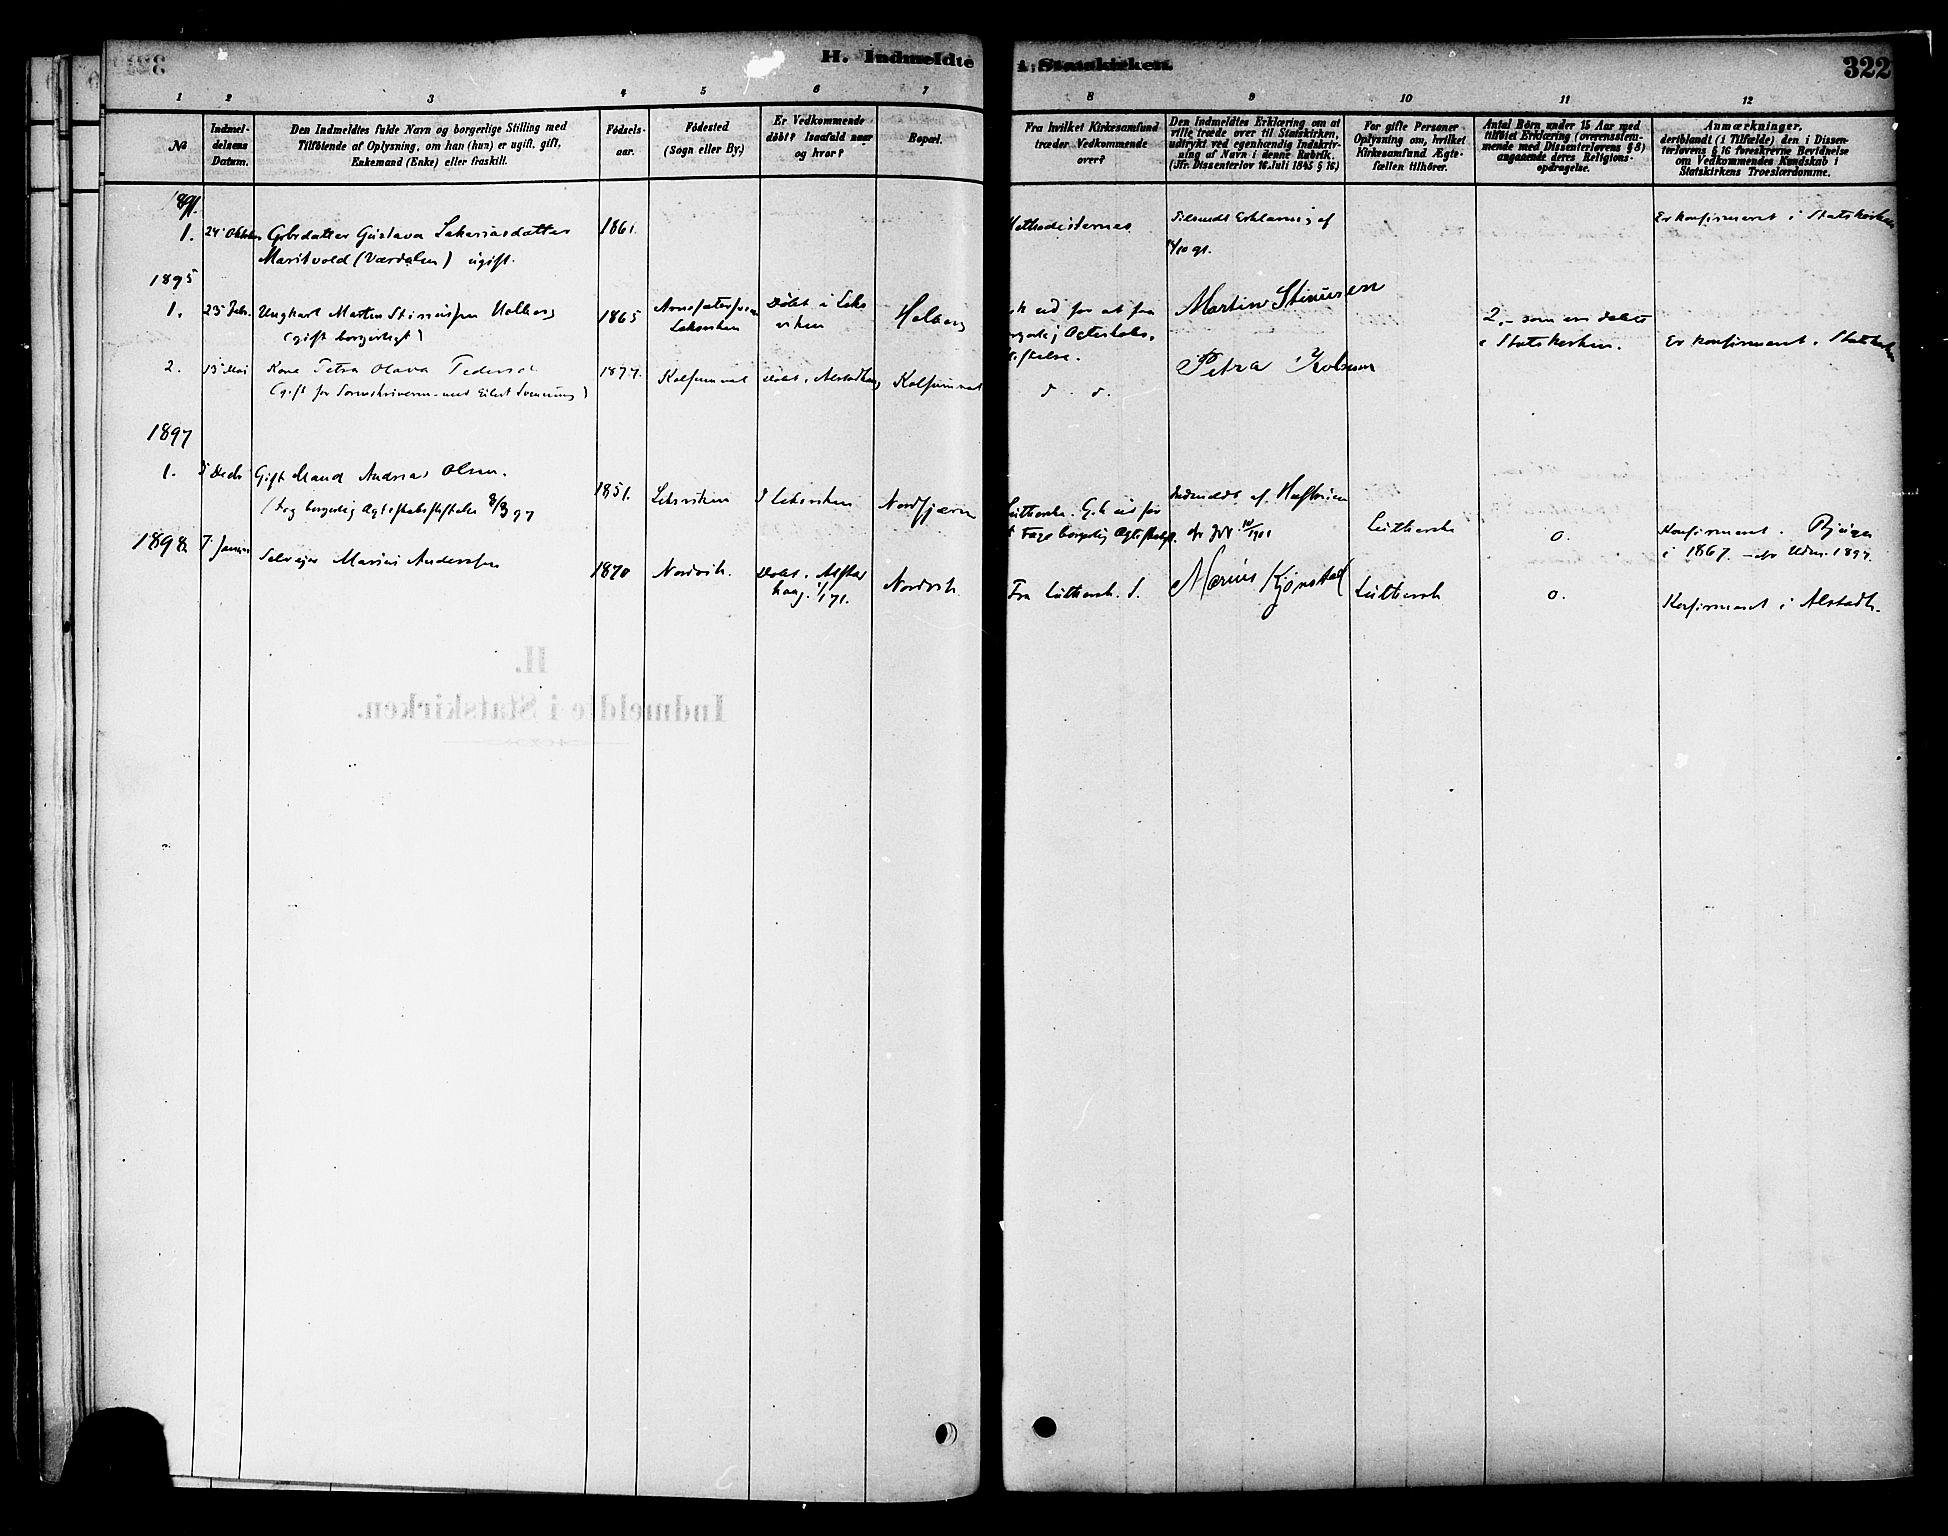 SAT, Ministerialprotokoller, klokkerbøker og fødselsregistre - Nord-Trøndelag, 717/L0159: Ministerialbok nr. 717A09, 1878-1898, s. 322